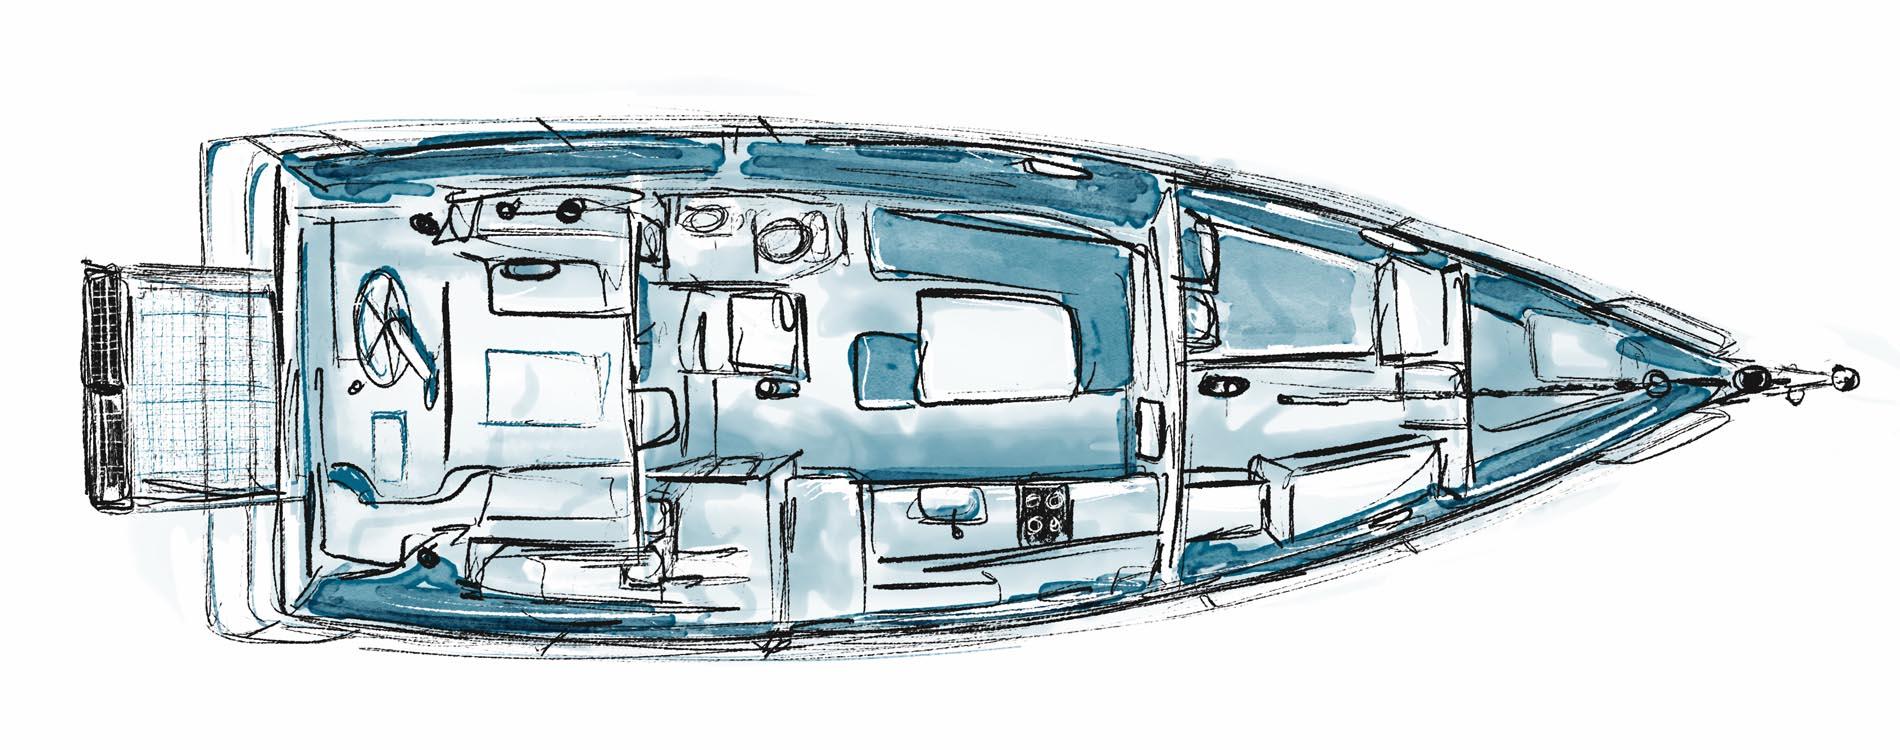 Rasta40-voilier sur-mesure-architecture navale-Vincent Lebailly-intérieur